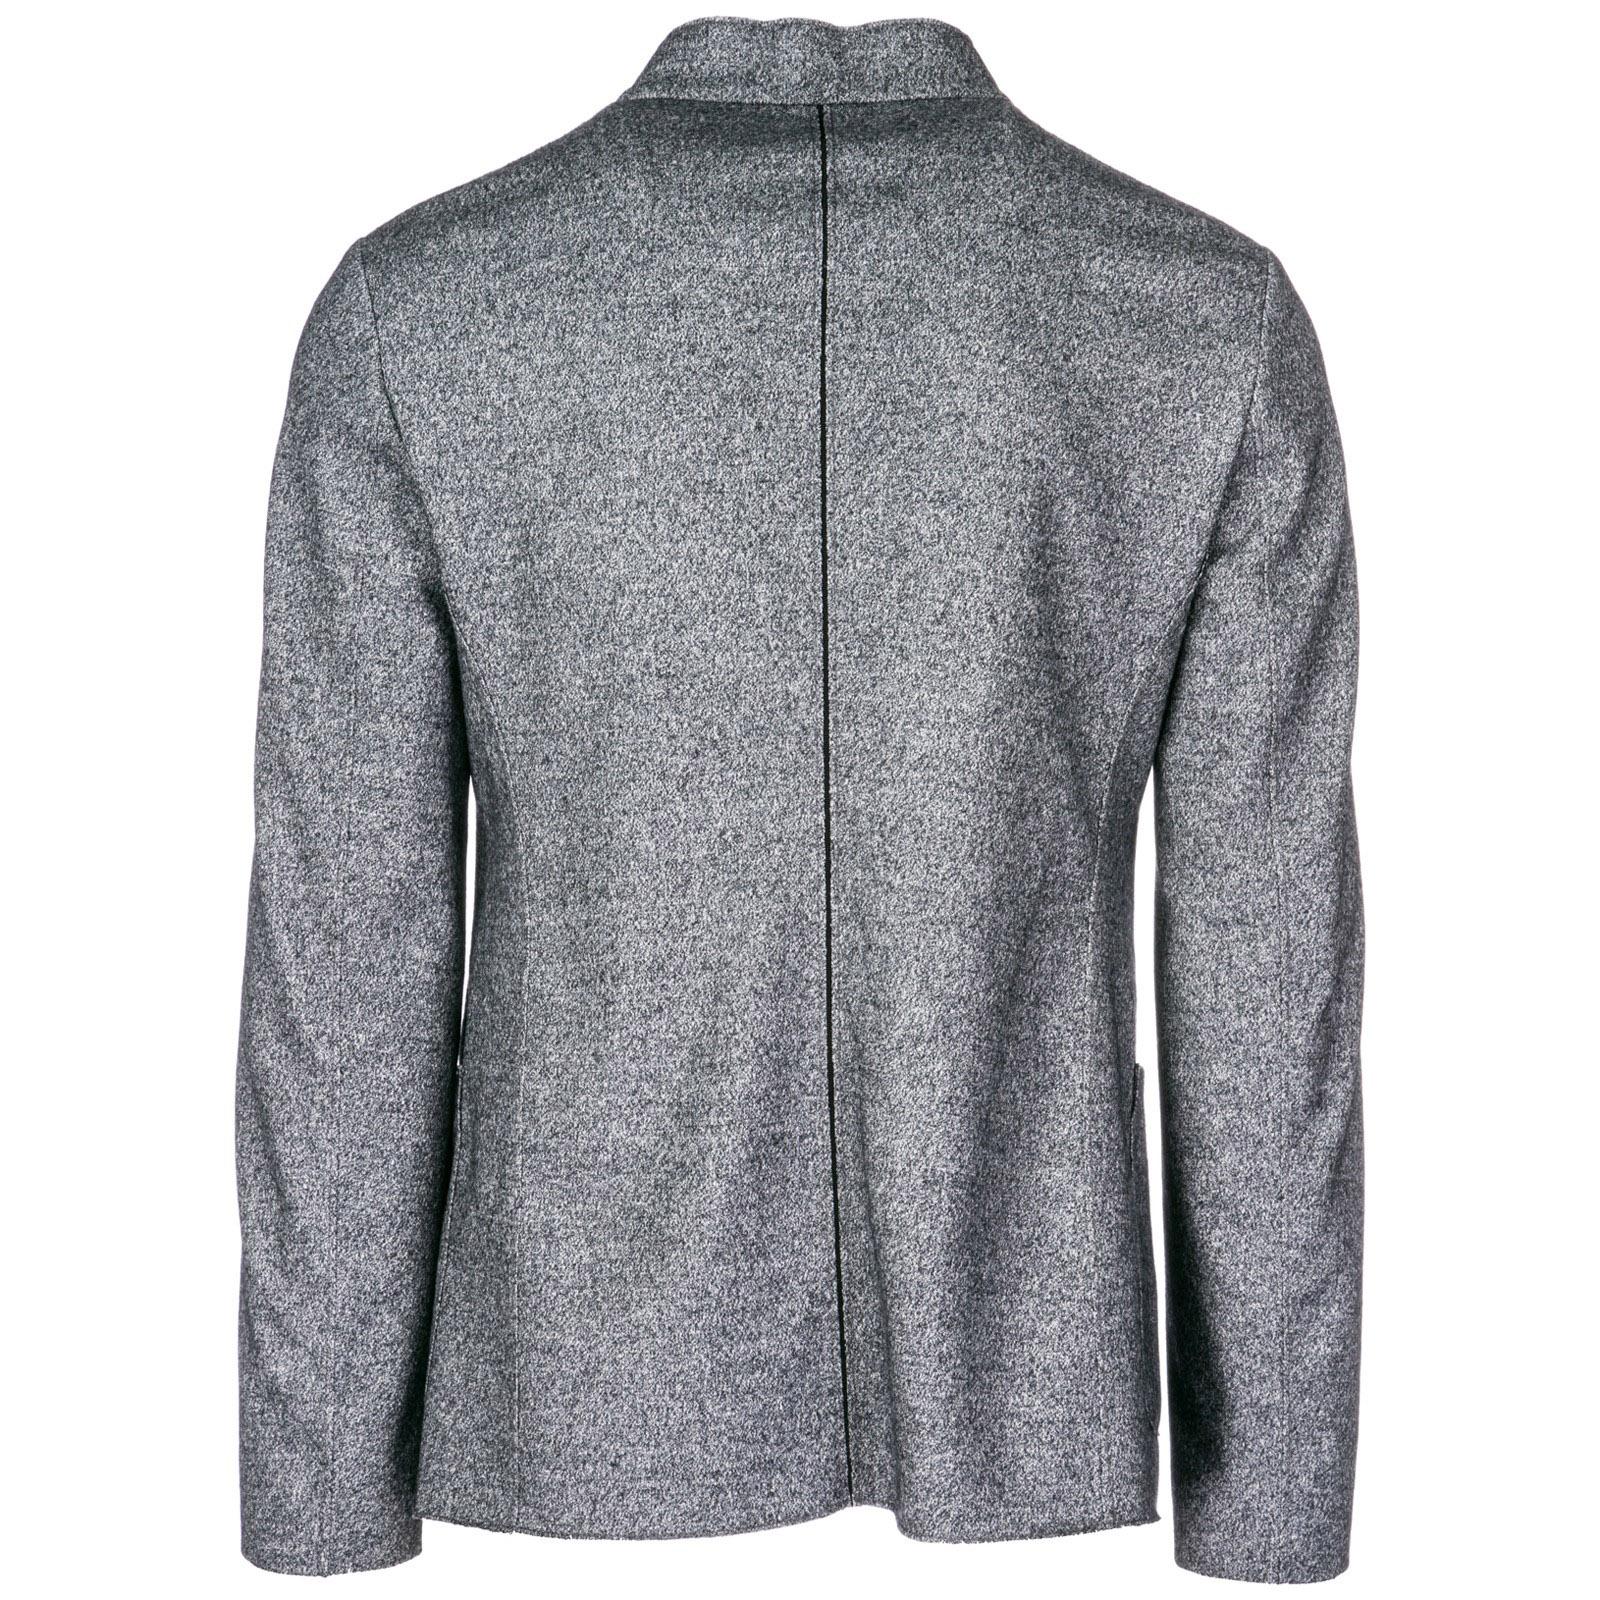 2fa7127a278d Jacket Emporio Armani 11G64S11S29 grigio